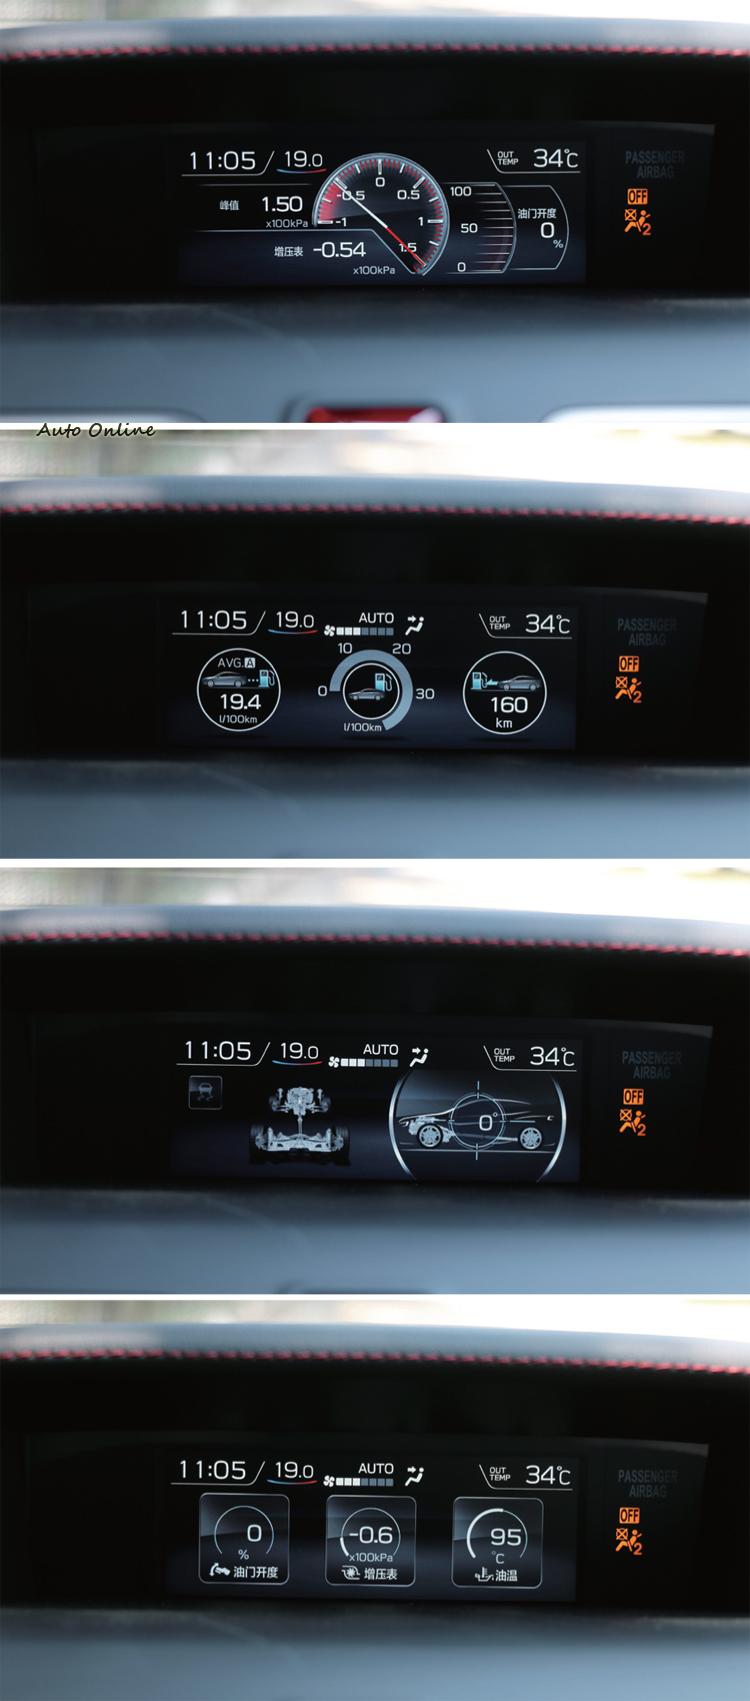 中控台最上方4.3吋跑車化全彩螢幕升級為5.9吋,從中駕駛可監控車輛狀態,原廠功能就有渦輪增壓值監控功能,車主不需要再額外加裝監控儀表。